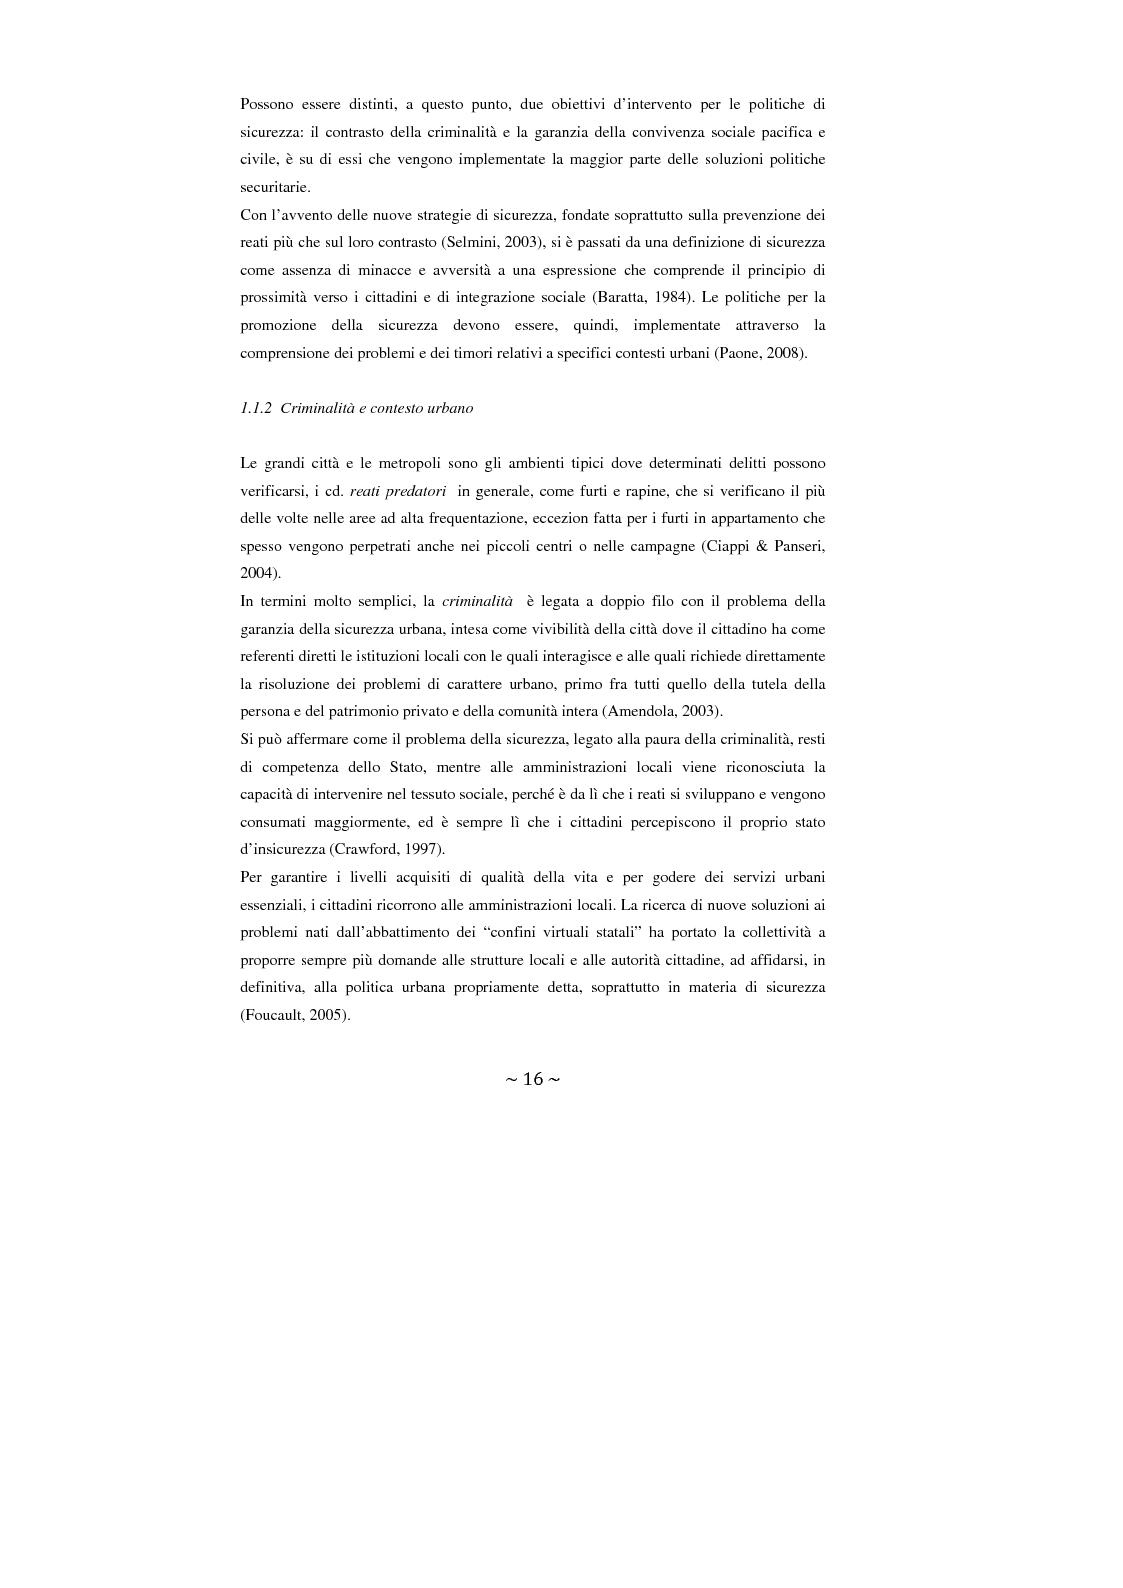 Anteprima della tesi: Contrattualizzare la sicurezza urbana, Pagina 9